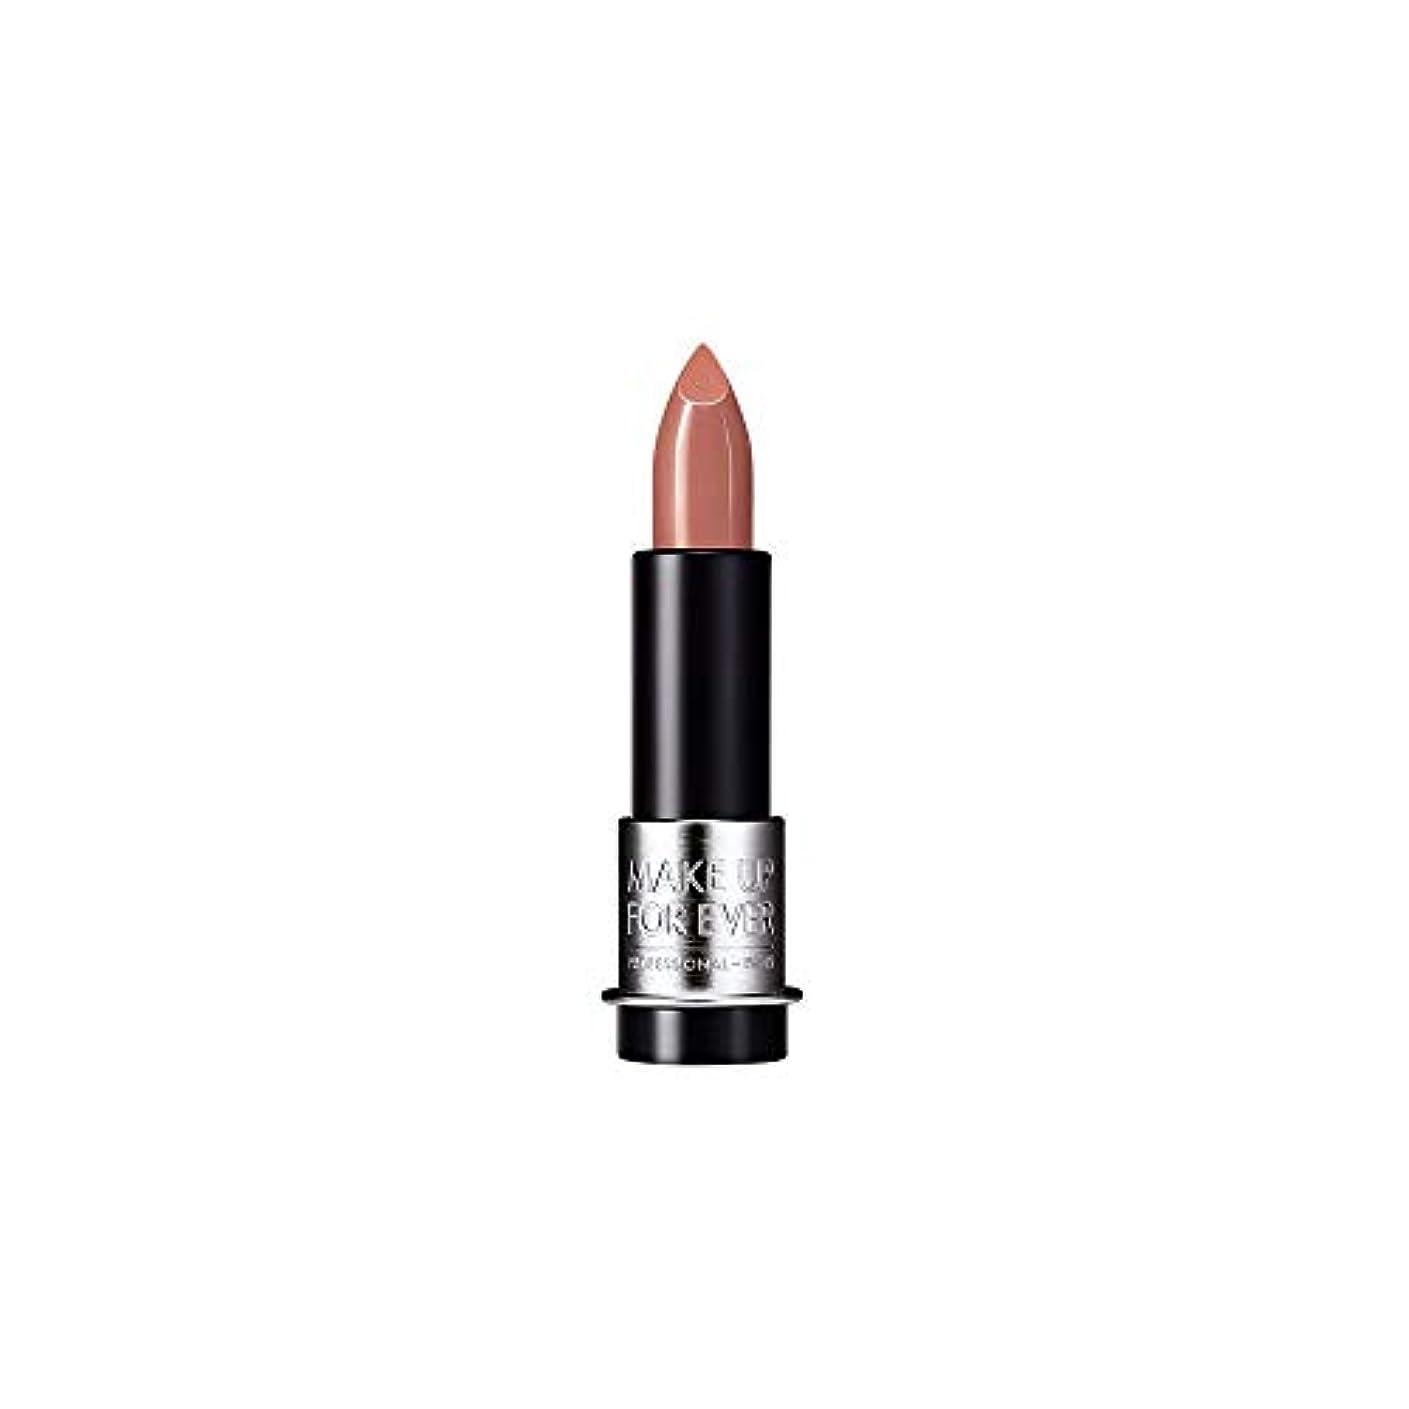 仕事に行くサイドボード製造[MAKE UP FOR EVER] これまでアーティストルージュマット口紅3.5グラムのM100を補う - クリームベージュ - MAKE UP FOR EVER Artist Rouge Mat Lipstick 3.5g...